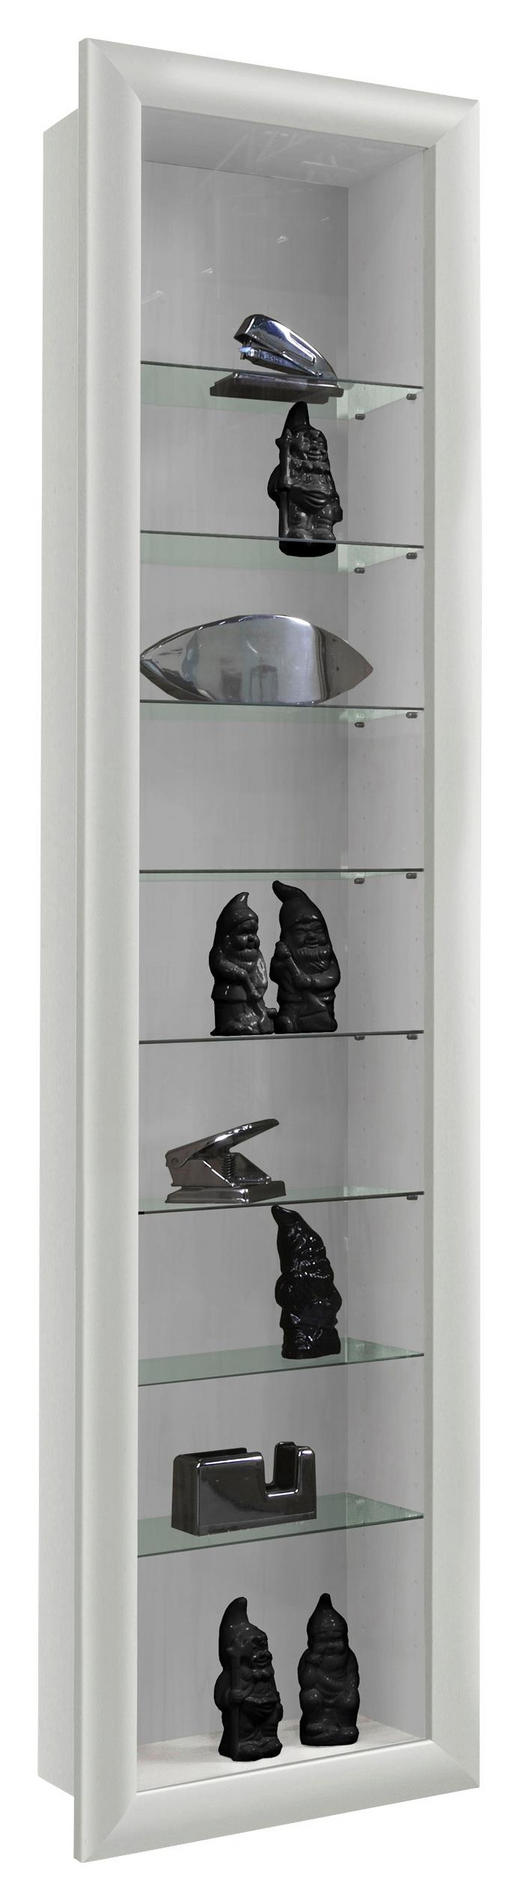 HÄNGEVITRINE Weiß - Weiß, Design, Glas (42/168,5/17,5cm) - Carryhome